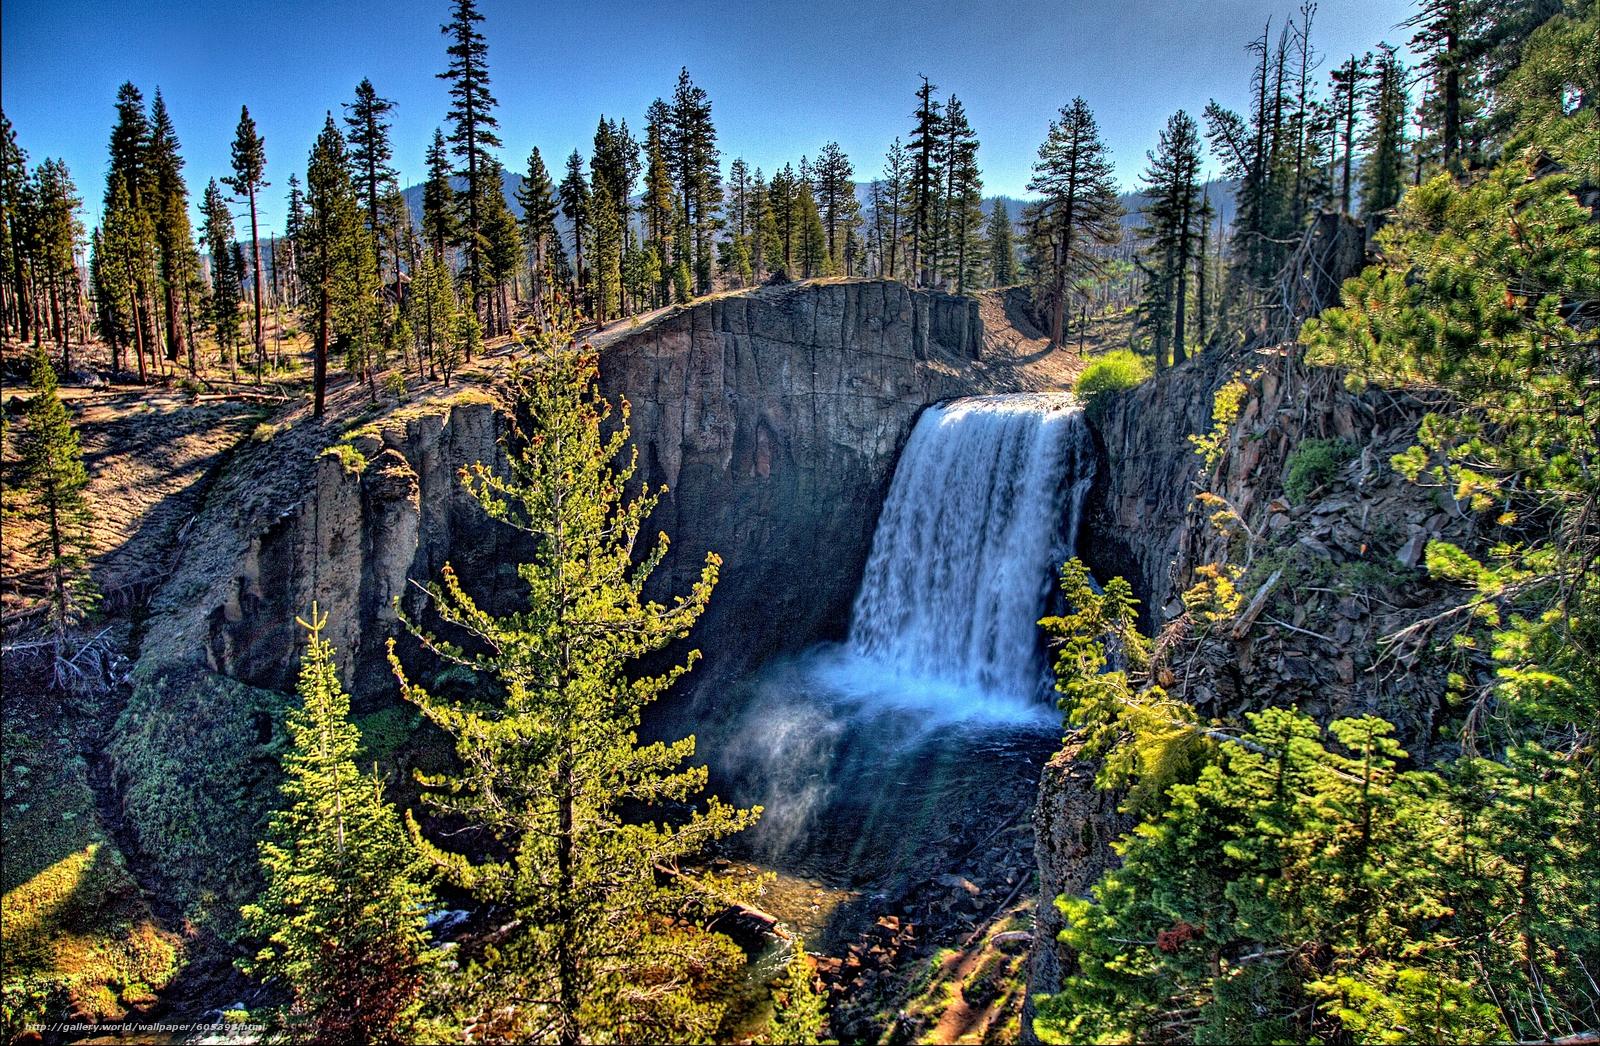 下载壁纸 瀑布,  岩石,  树,  景观 免费为您的桌面分辨率的壁纸 3372x2205 — 图片 №605398